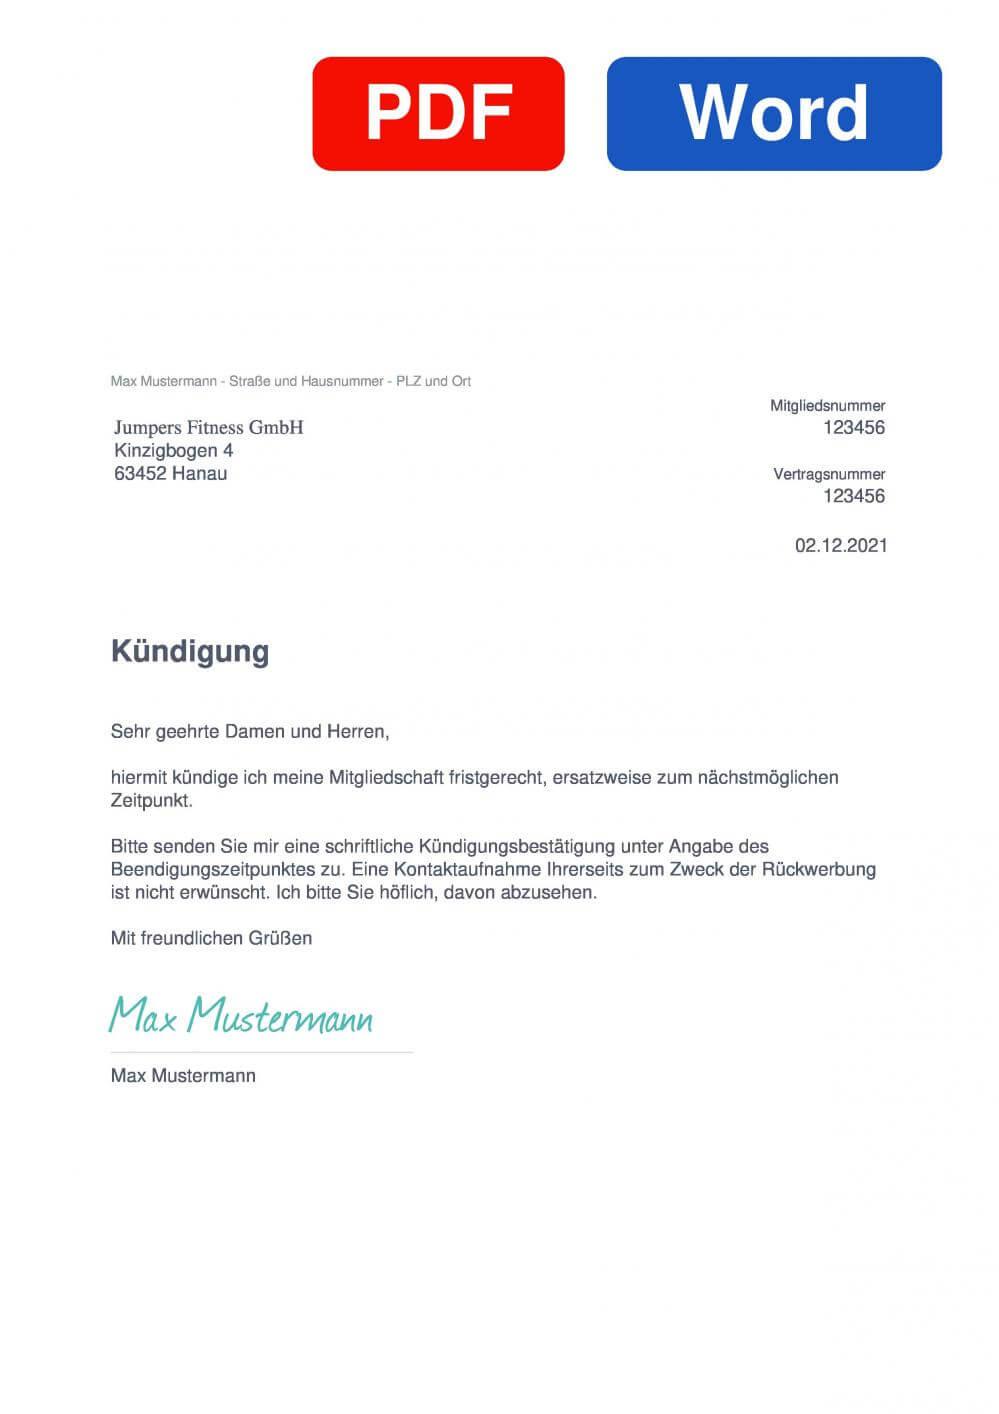 jumpers Hanau Muster Vorlage für Kündigungsschreiben